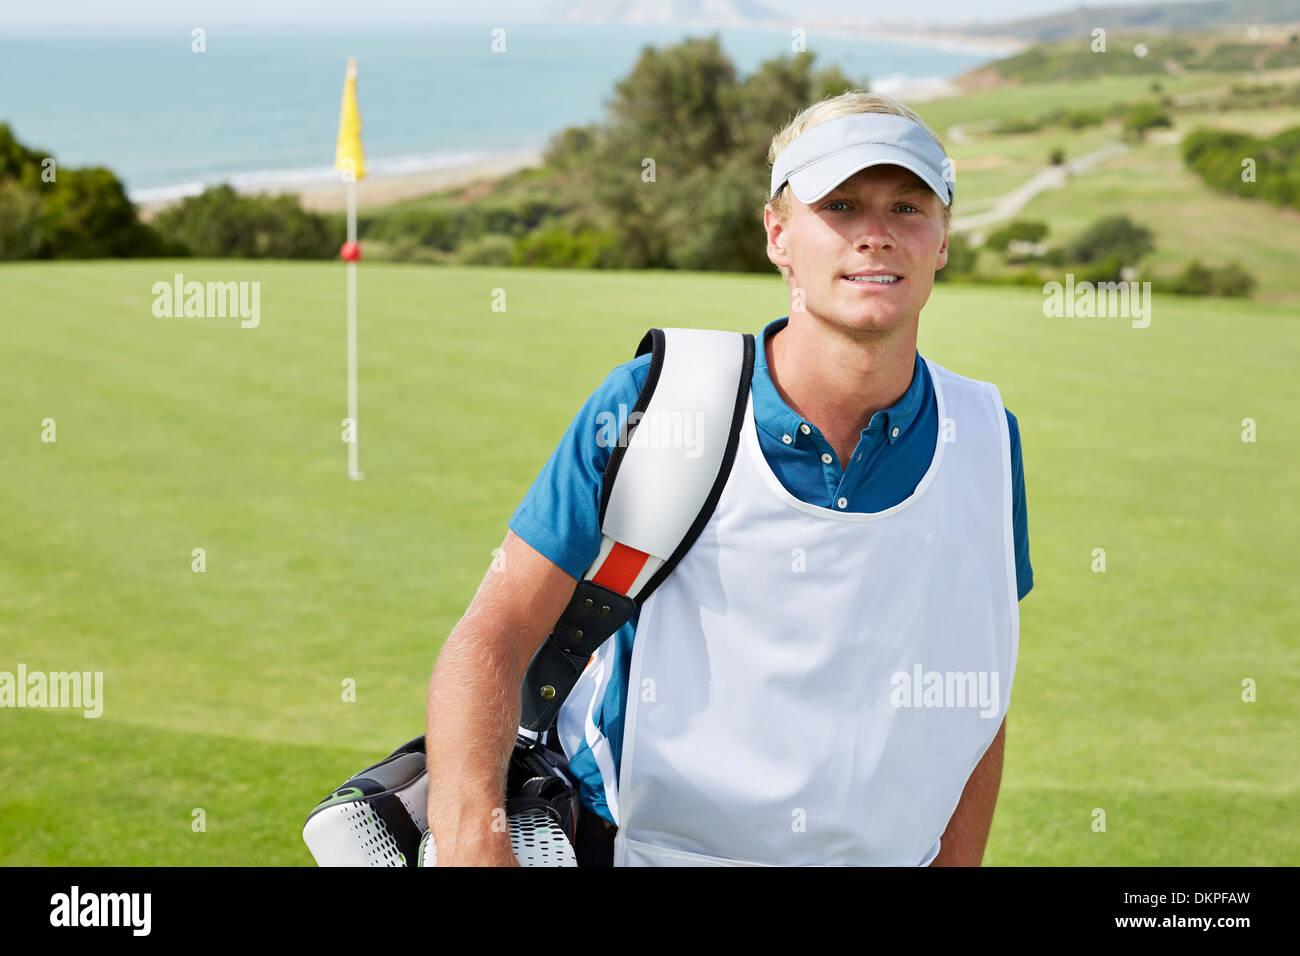 Caddy sonriendo en campo de golf Imagen De Stock